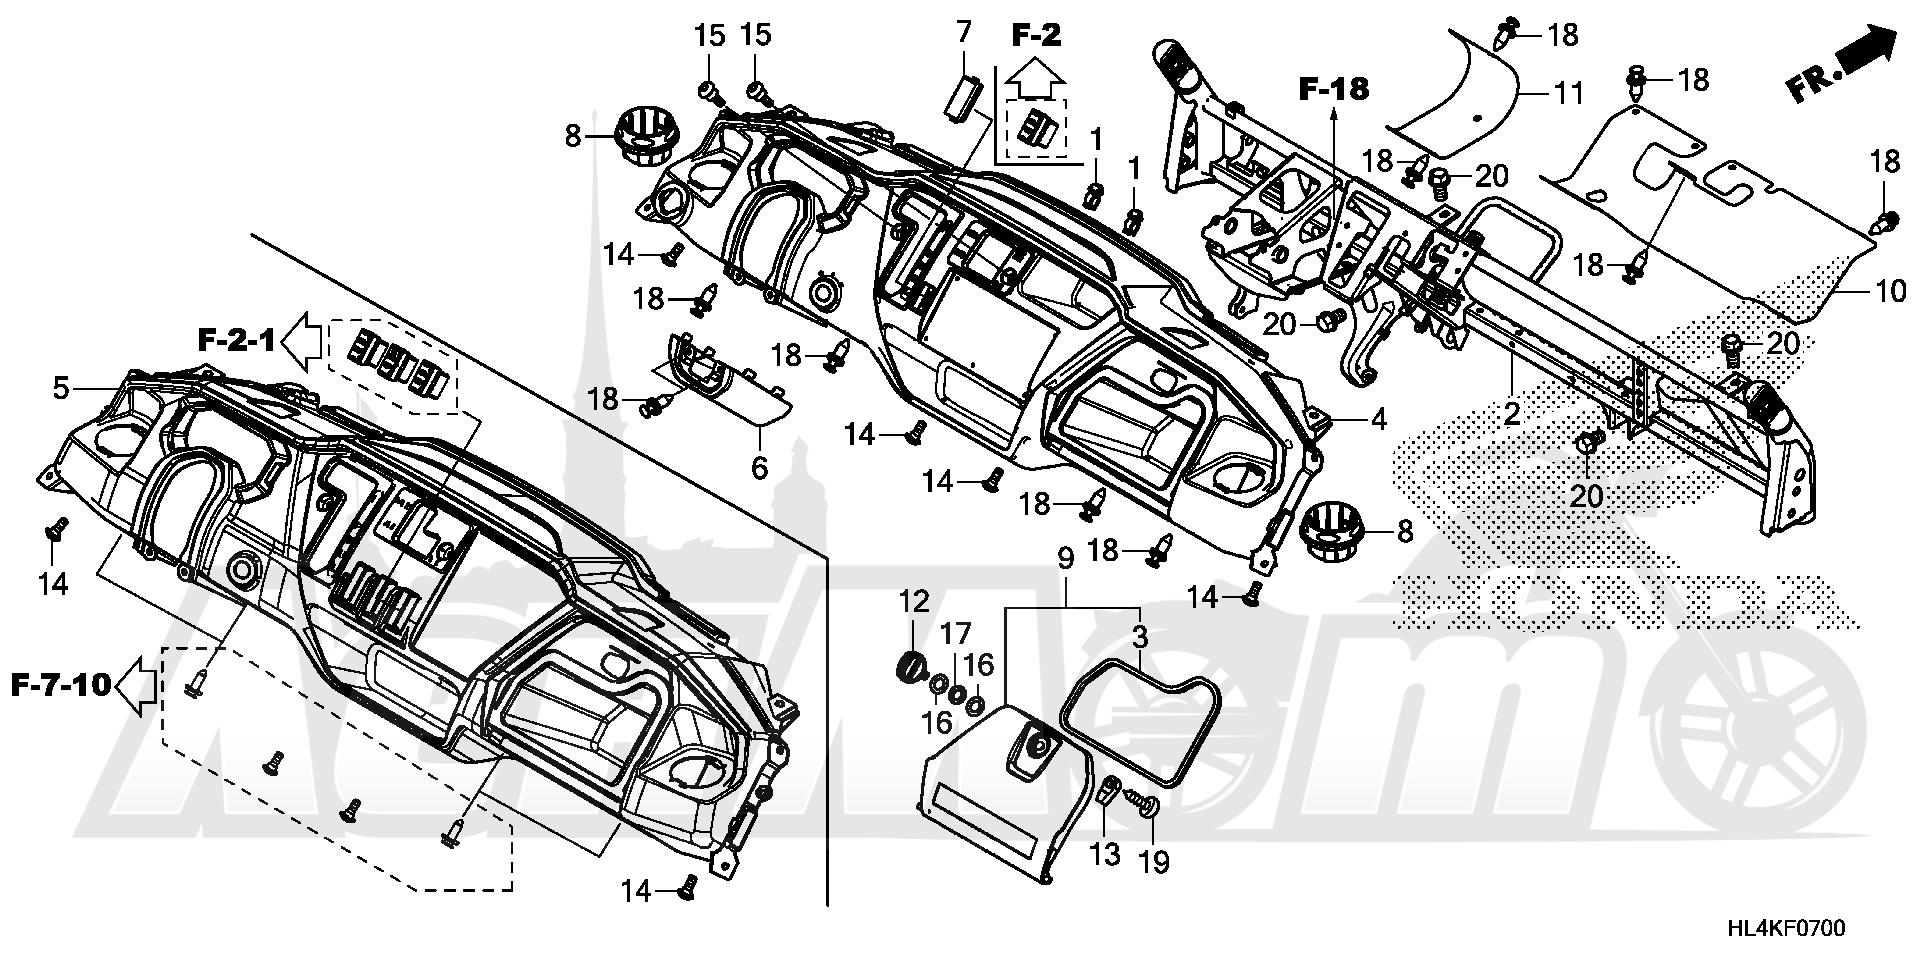 Запчасти для Квадроцикла Honda 2019 SXS1000M5P Раздел: INSTRUMENT PANEL | приборная панель